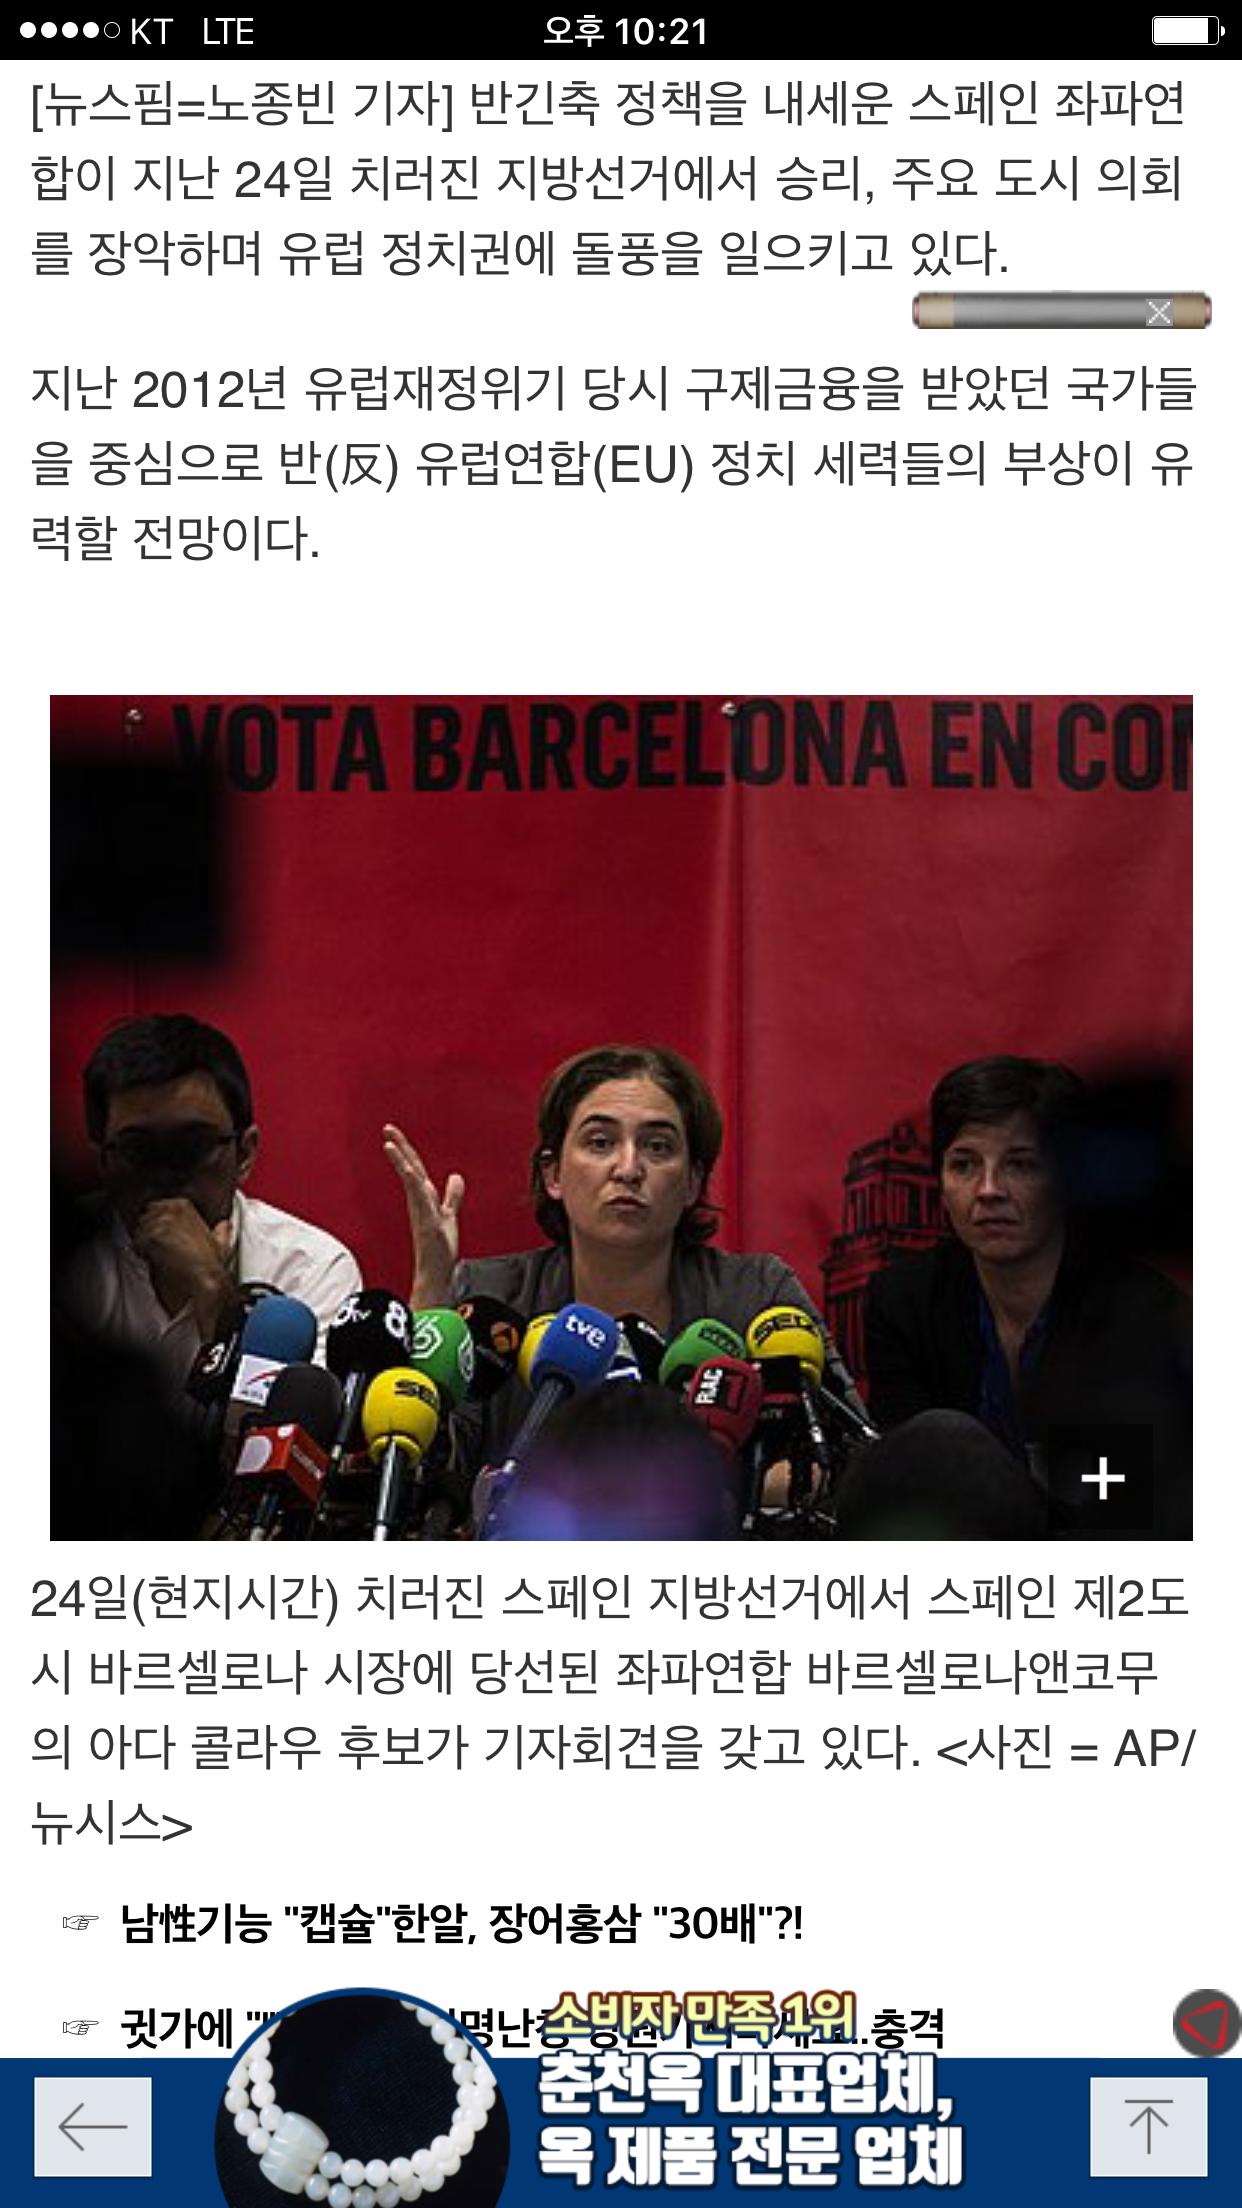 바르셀로나 엔꼬무 정당 바르셀로나 데시딤이라는 정치참여 플렛폼 만듬